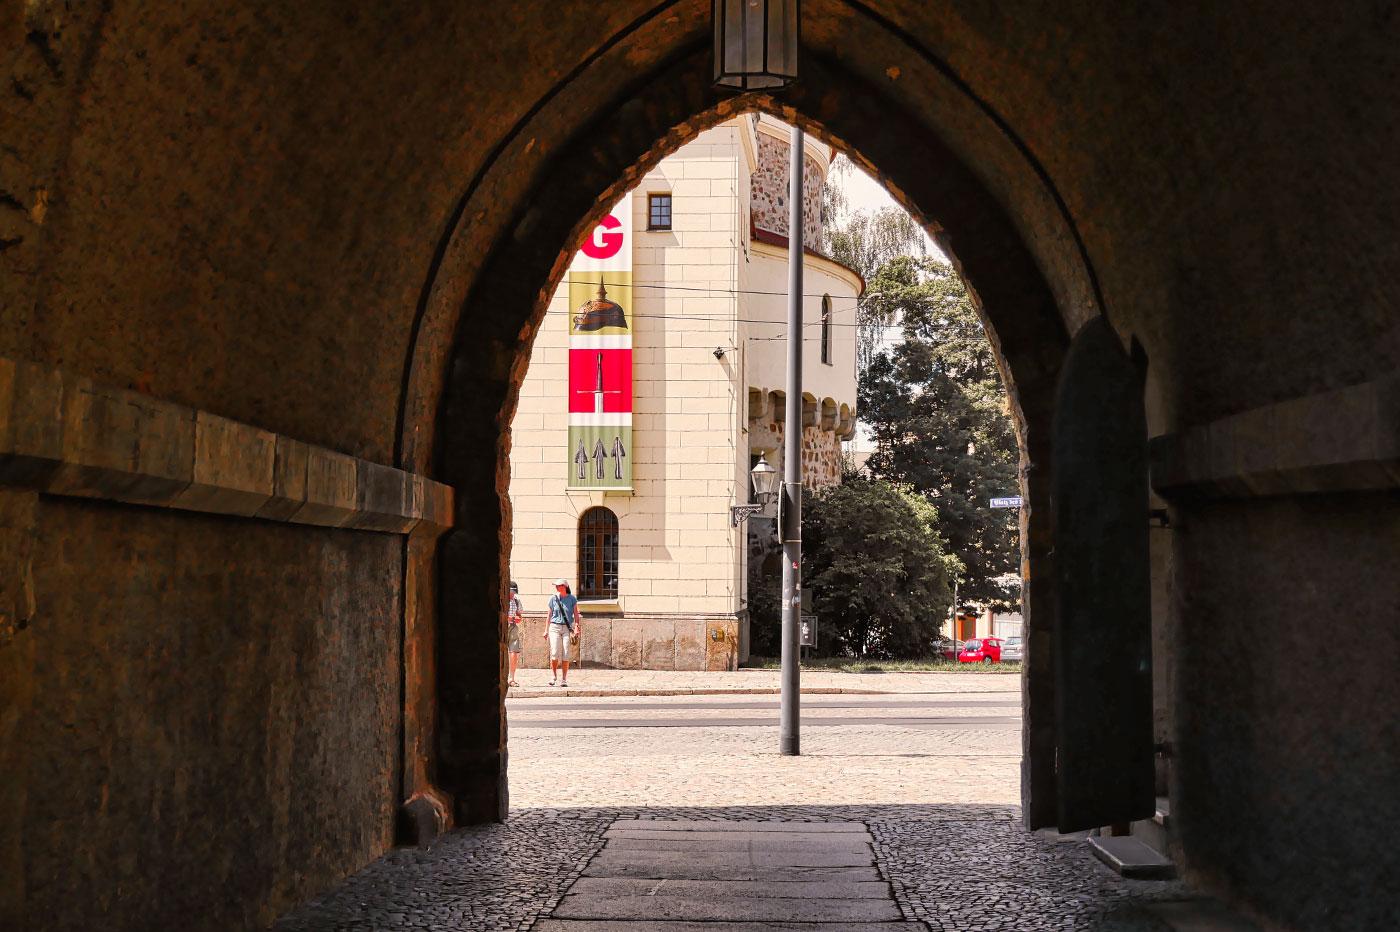 Torbogen Reichenbacher Turm